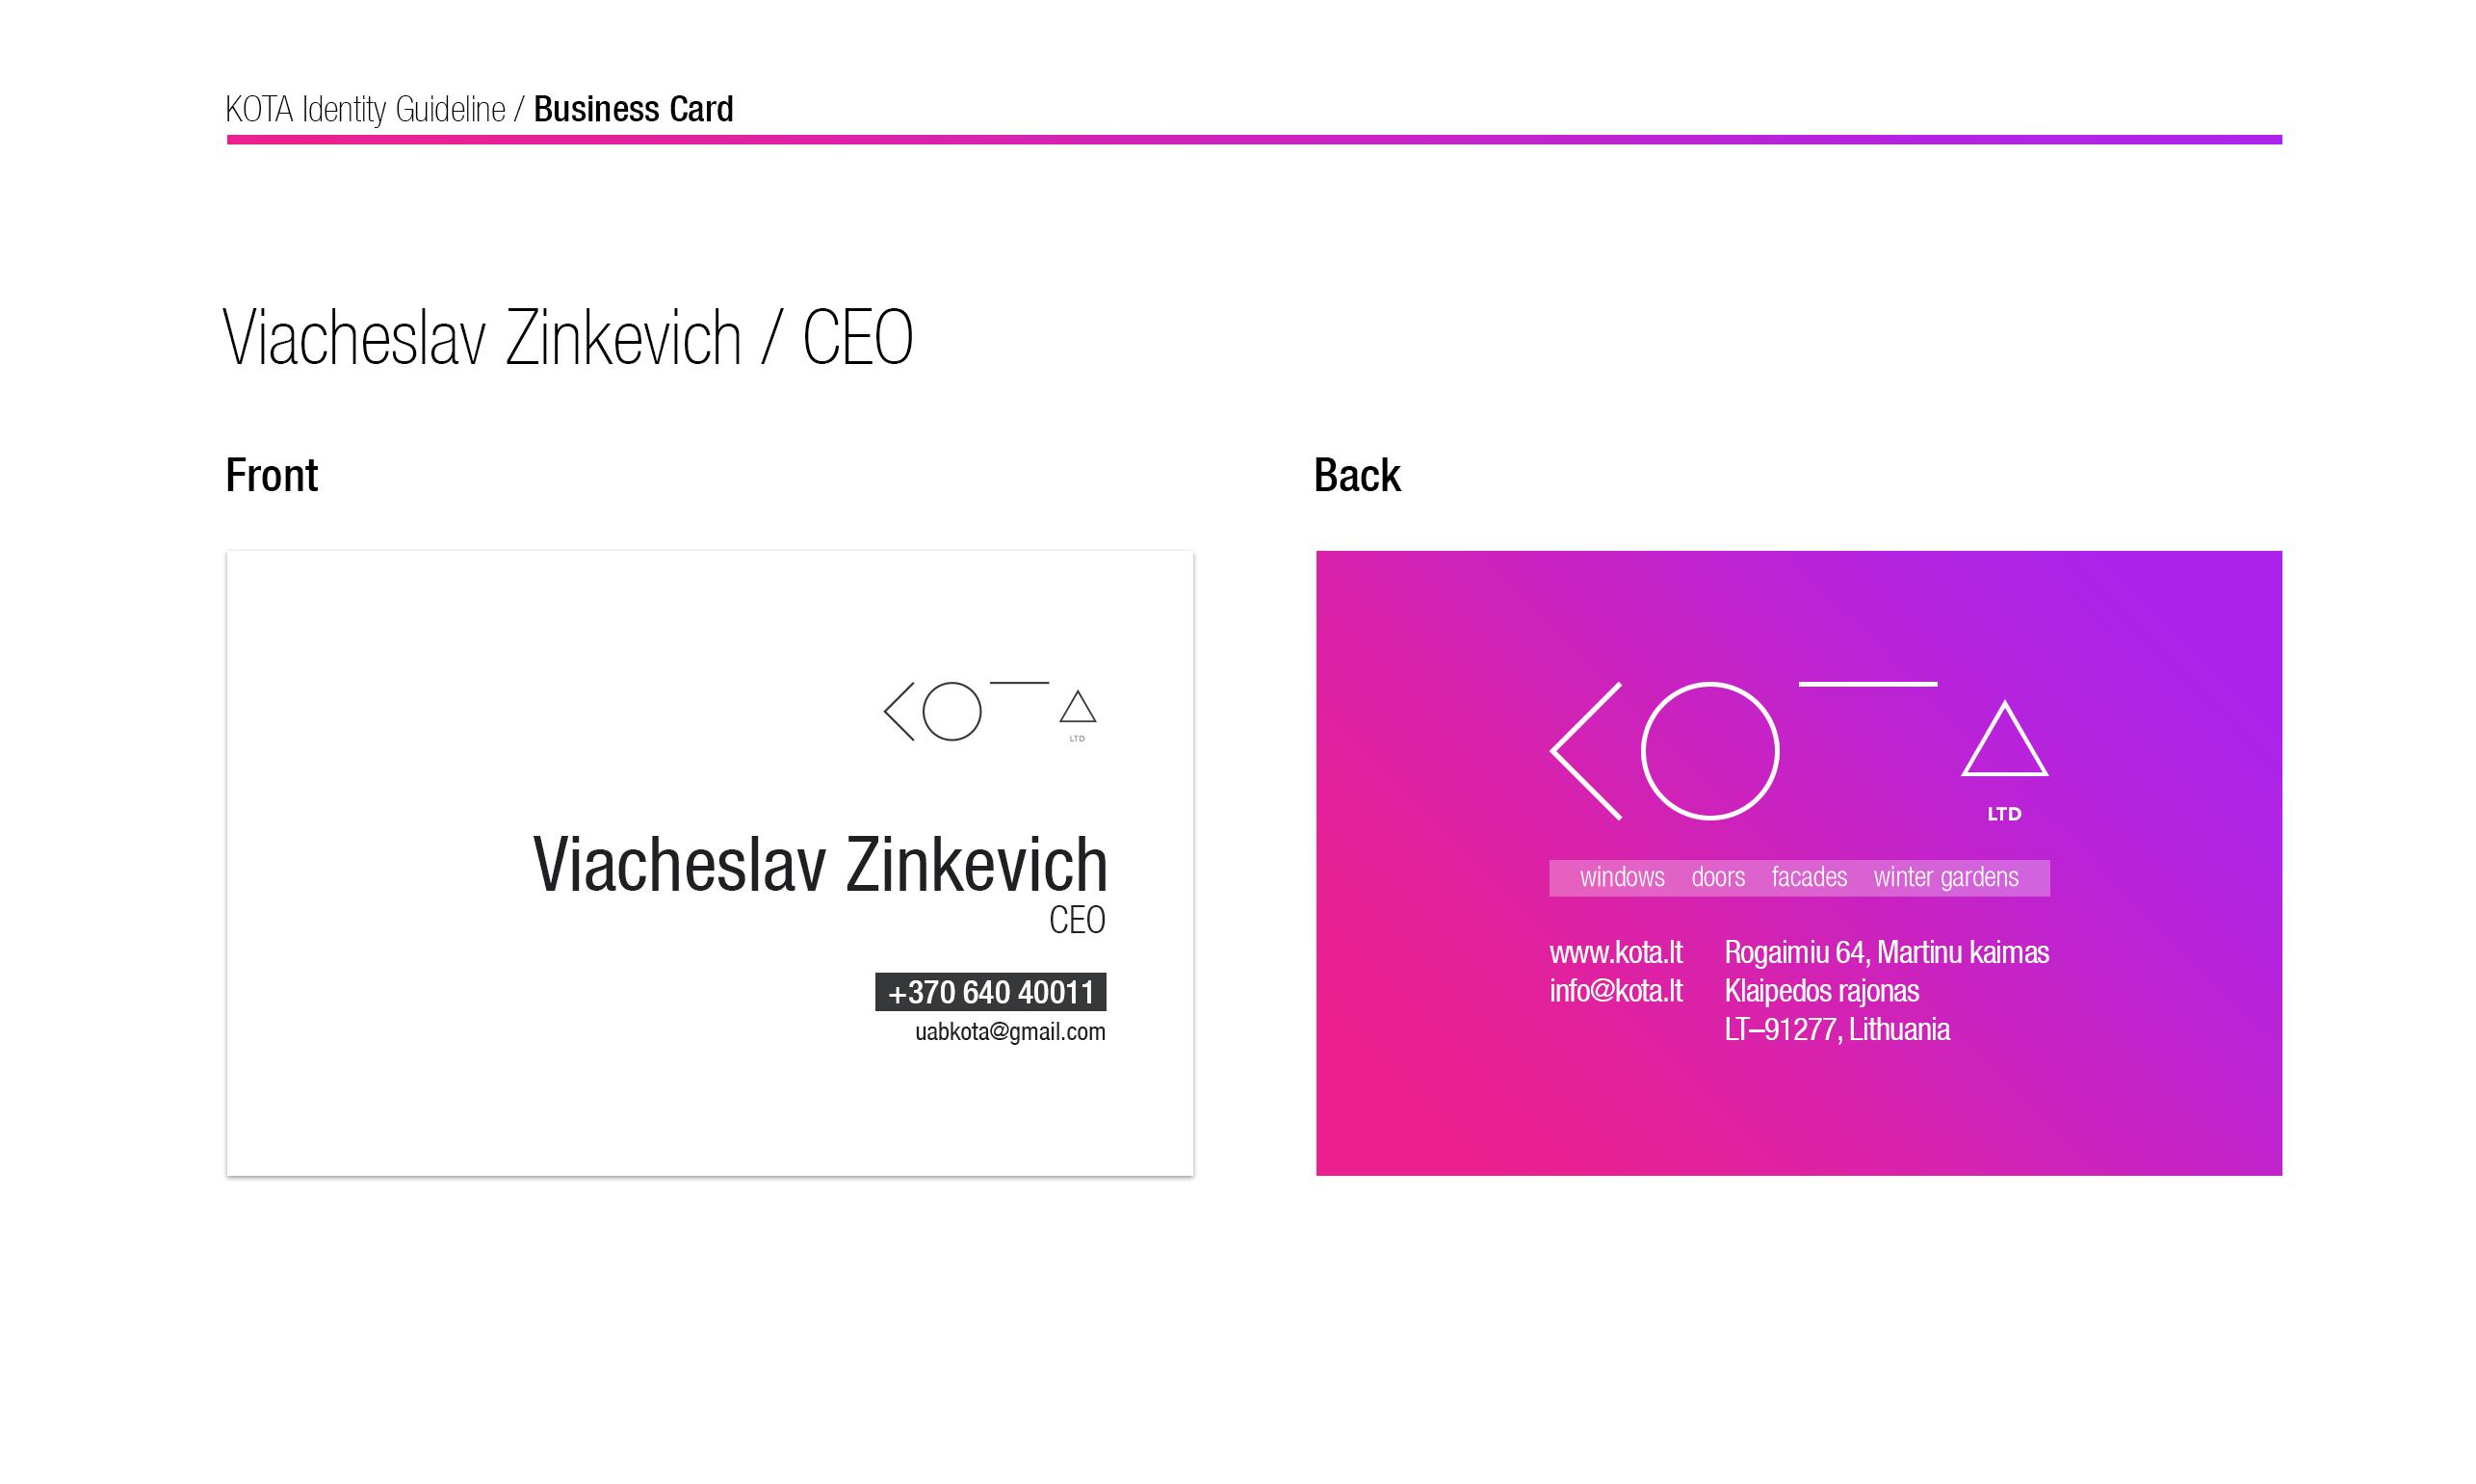 KOTA Business Card